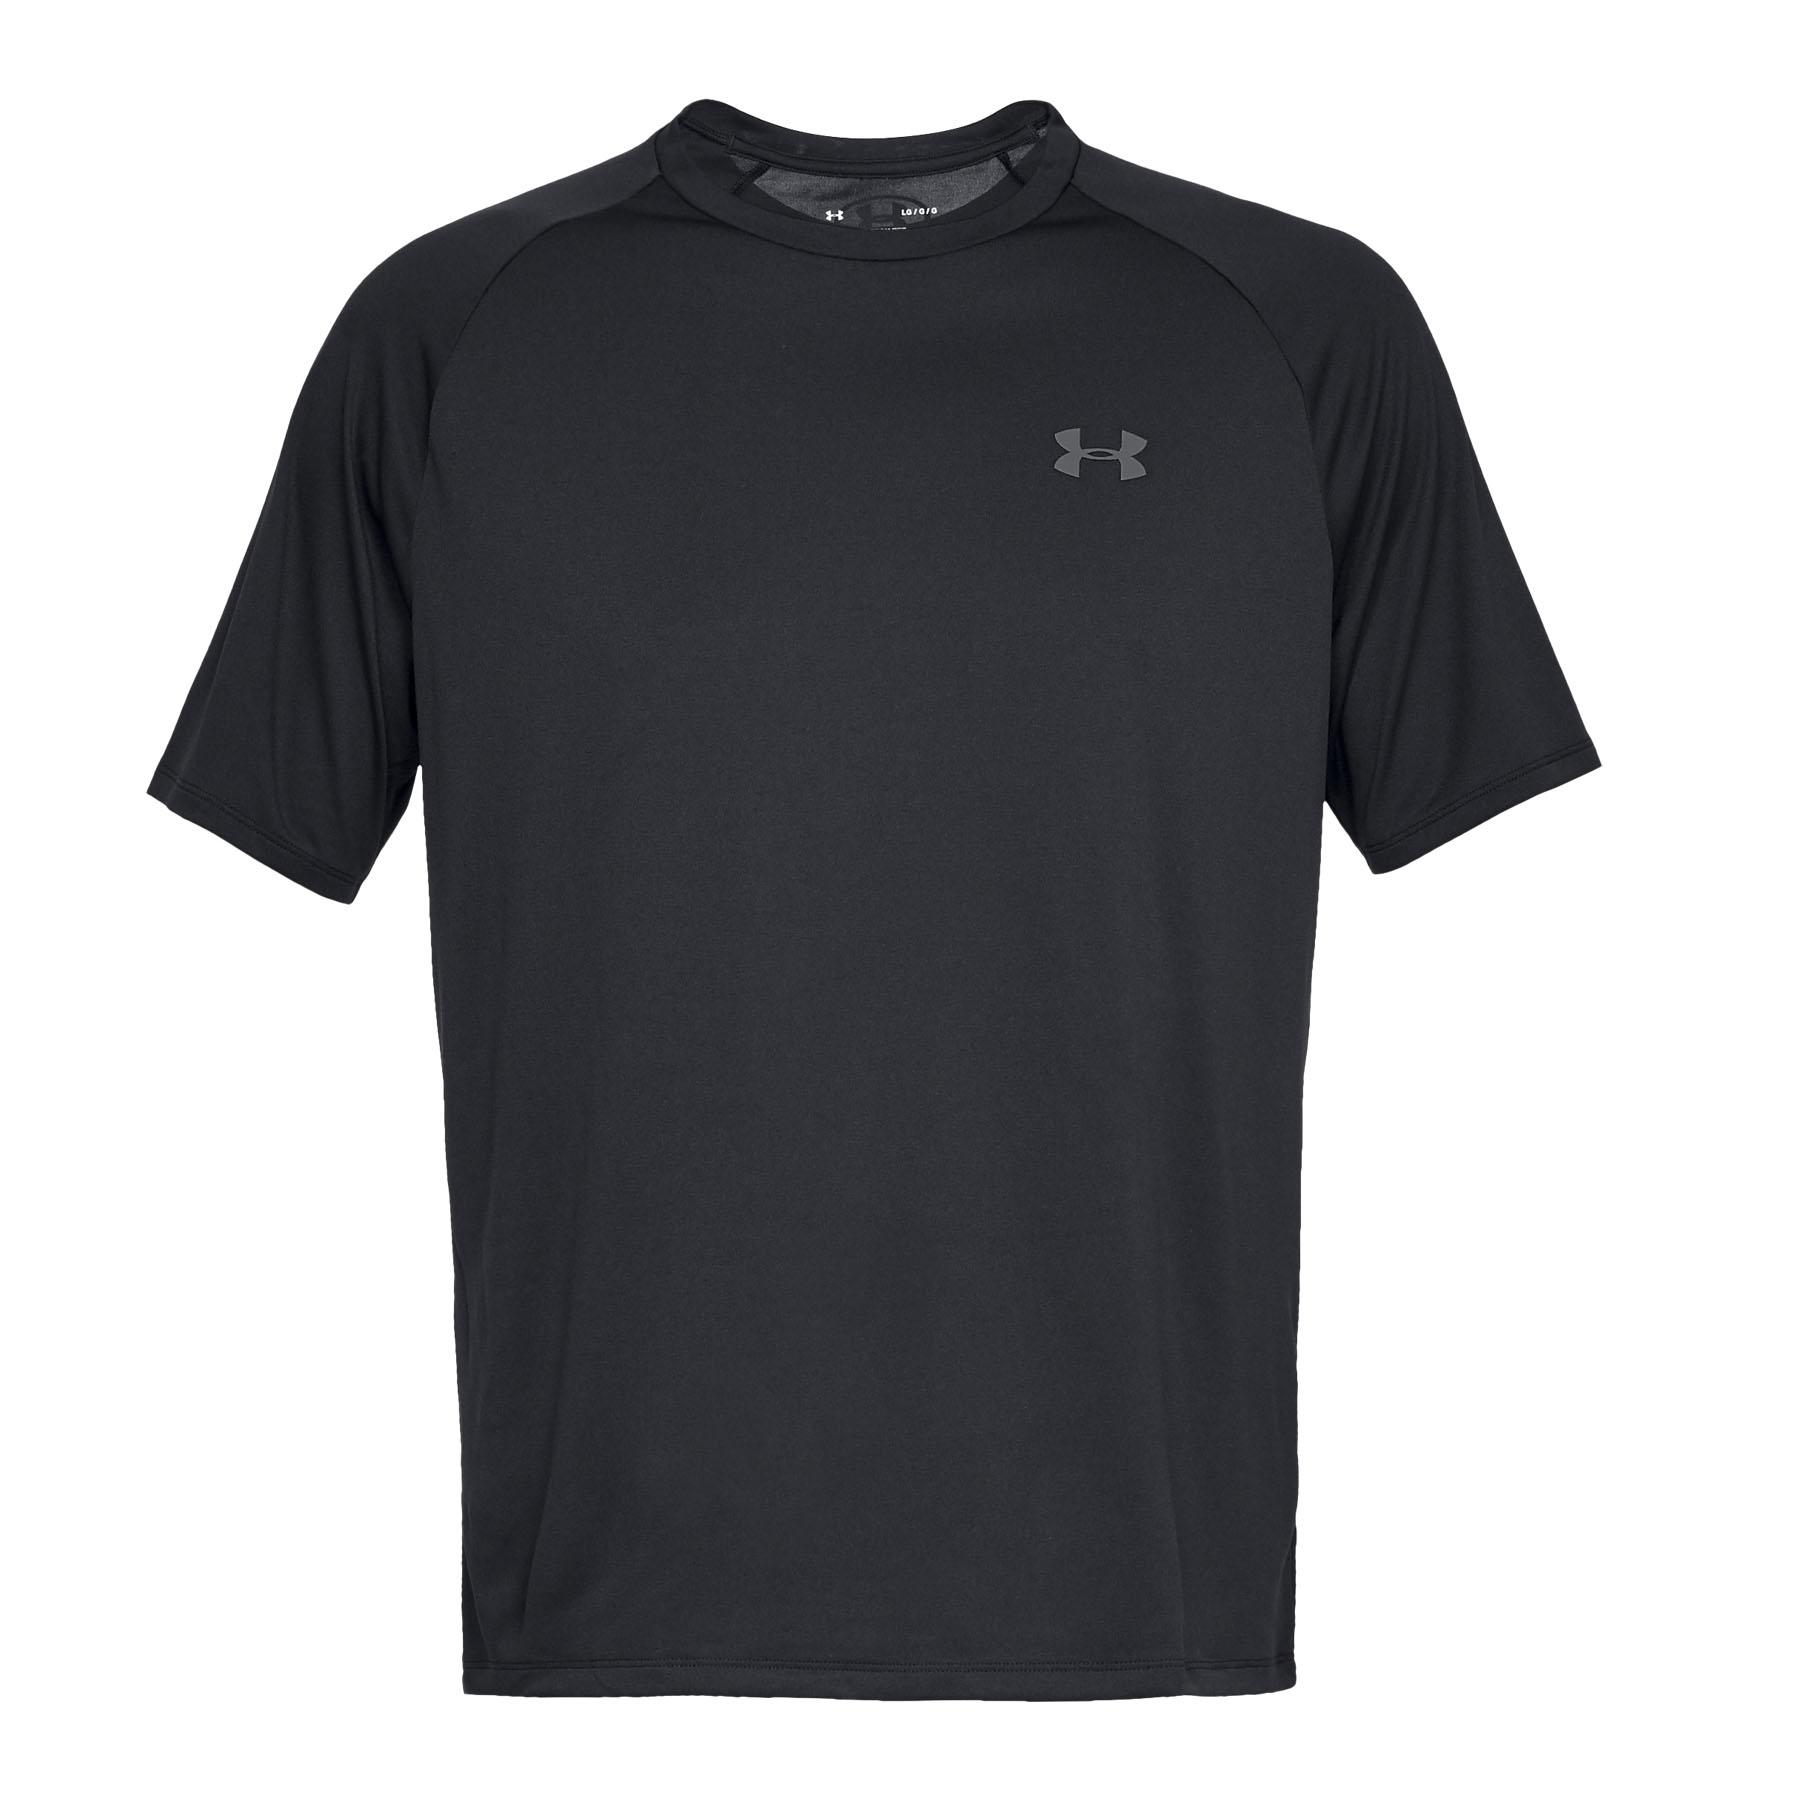 7ebe0e316 ... T Shirt · Under Armour Tech Short Sleeve Shirt ...